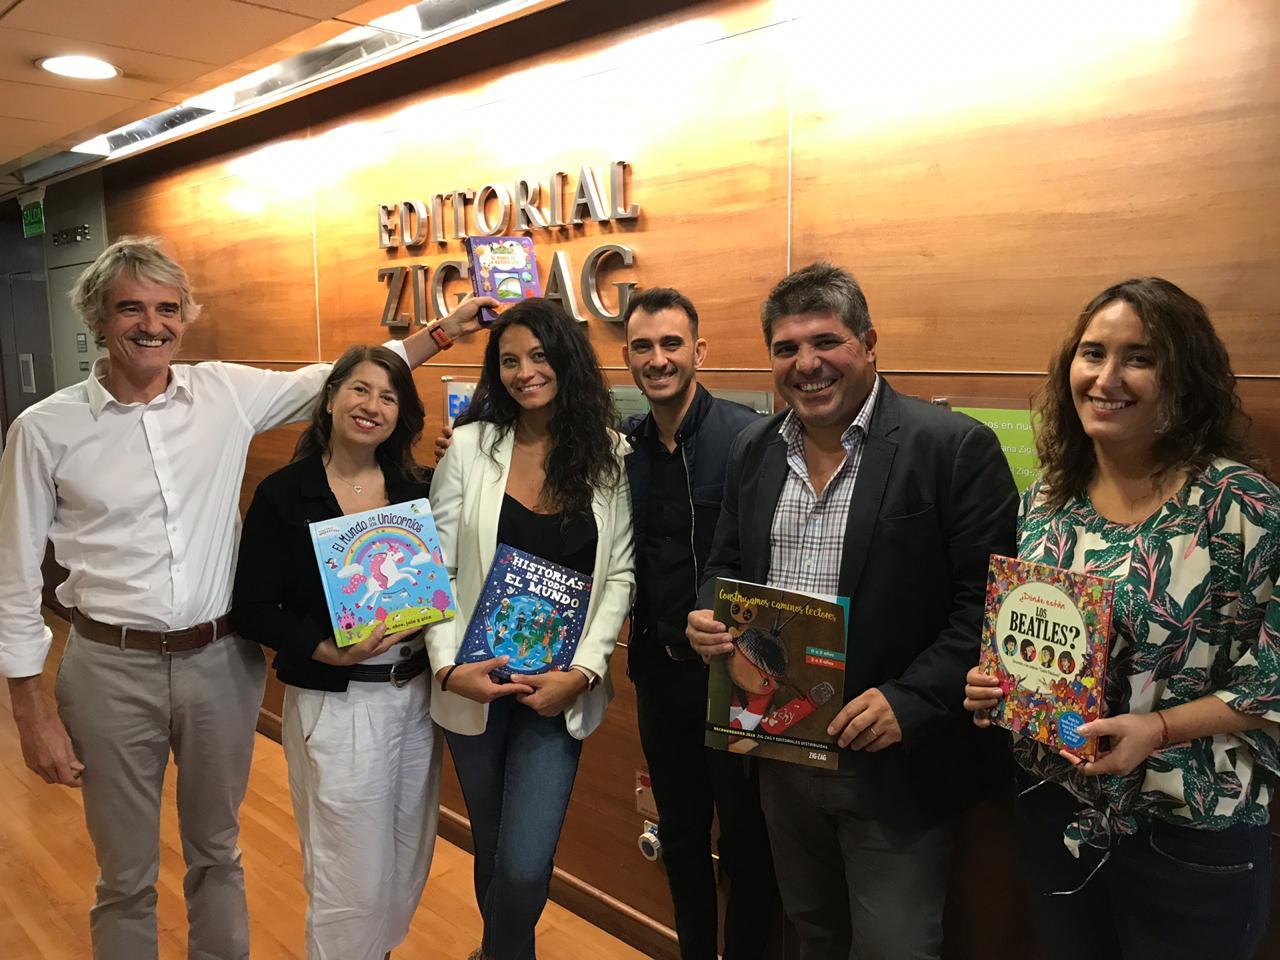 Visitas desde argentina: Ediciones Lea y Latinbooks se reunieron con Zig-Zag en Santiago